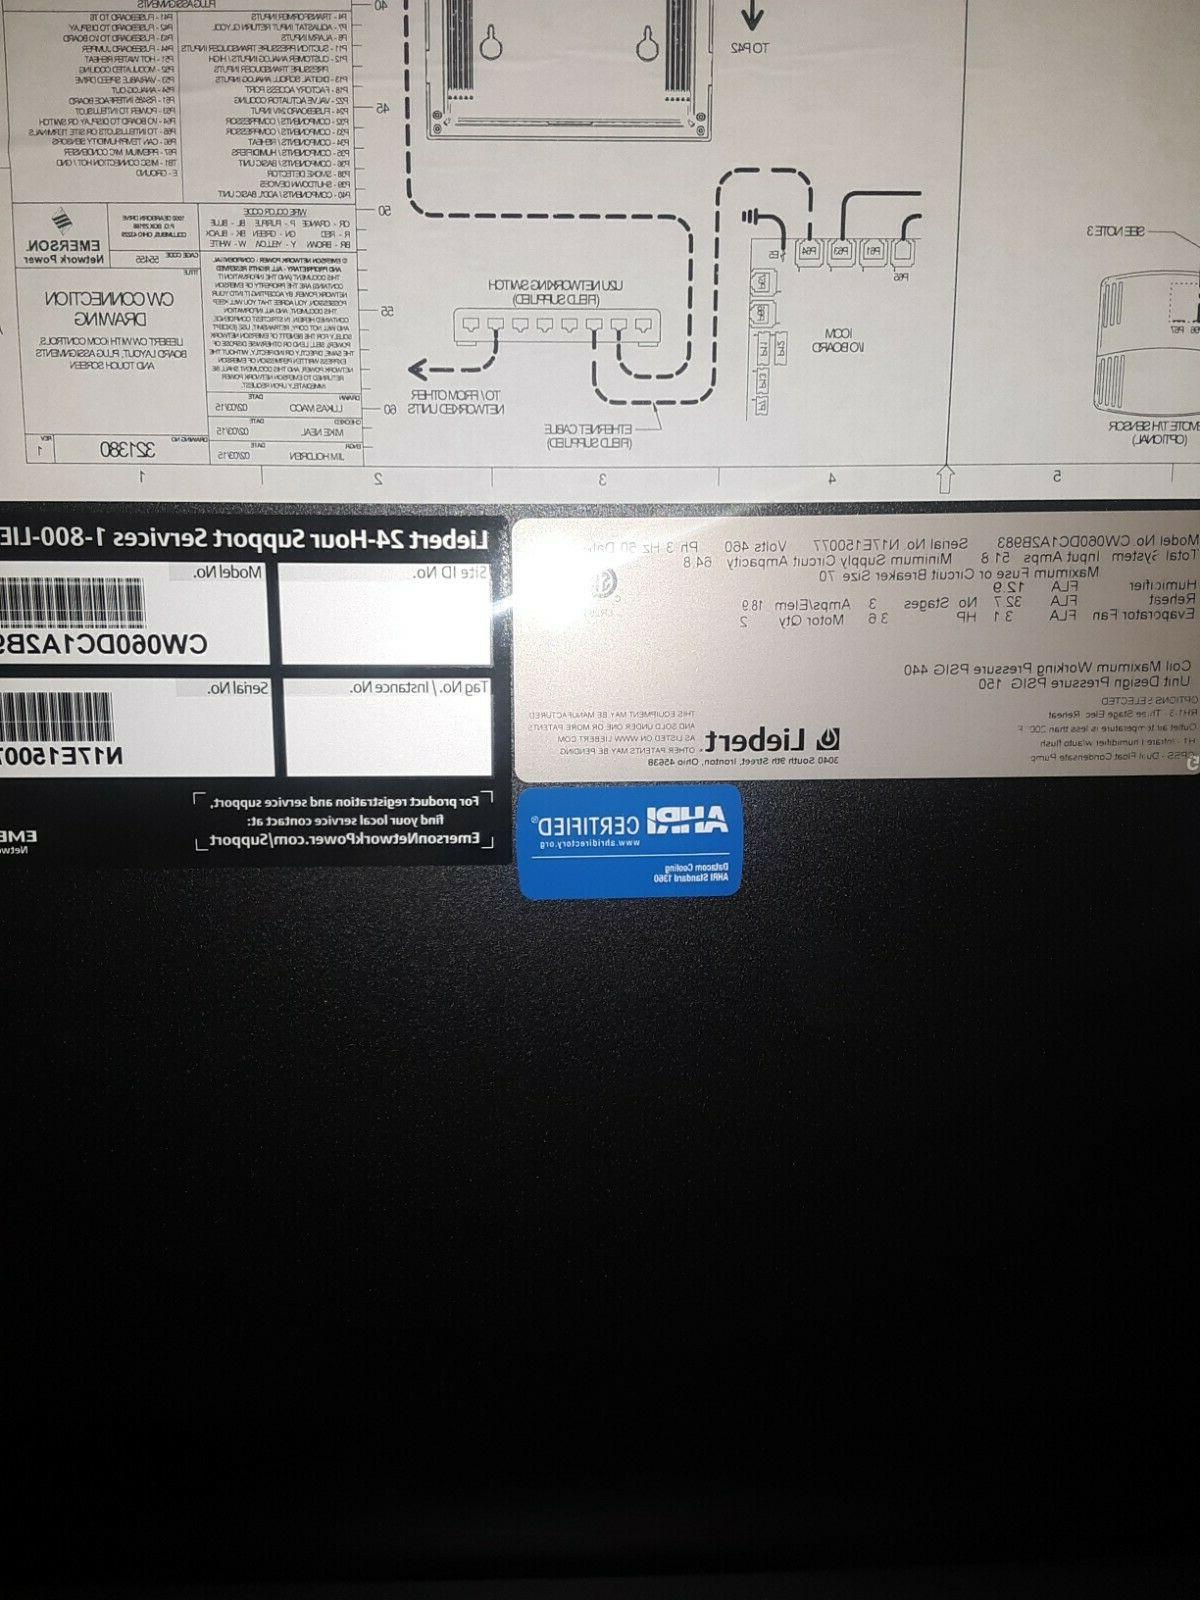 Conditioner 3PH NO: CW060DC1A2B983